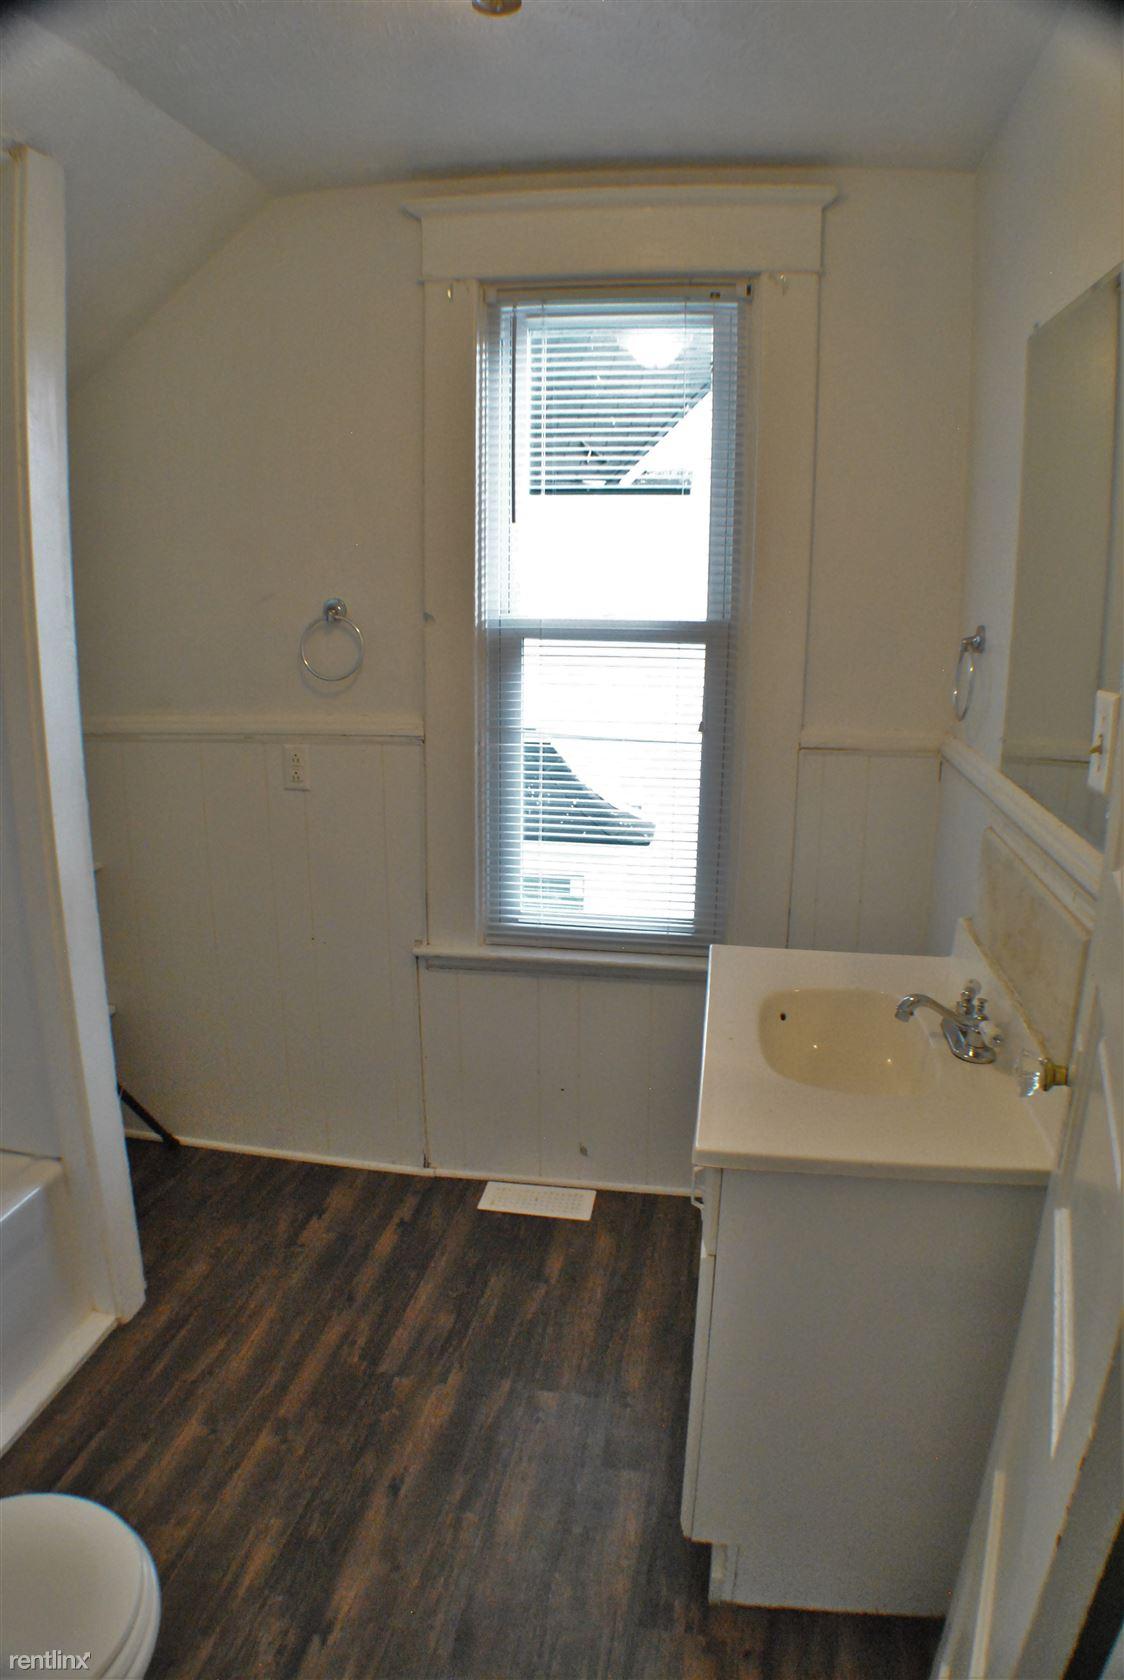 1050 Thomas - Bathroom (2)